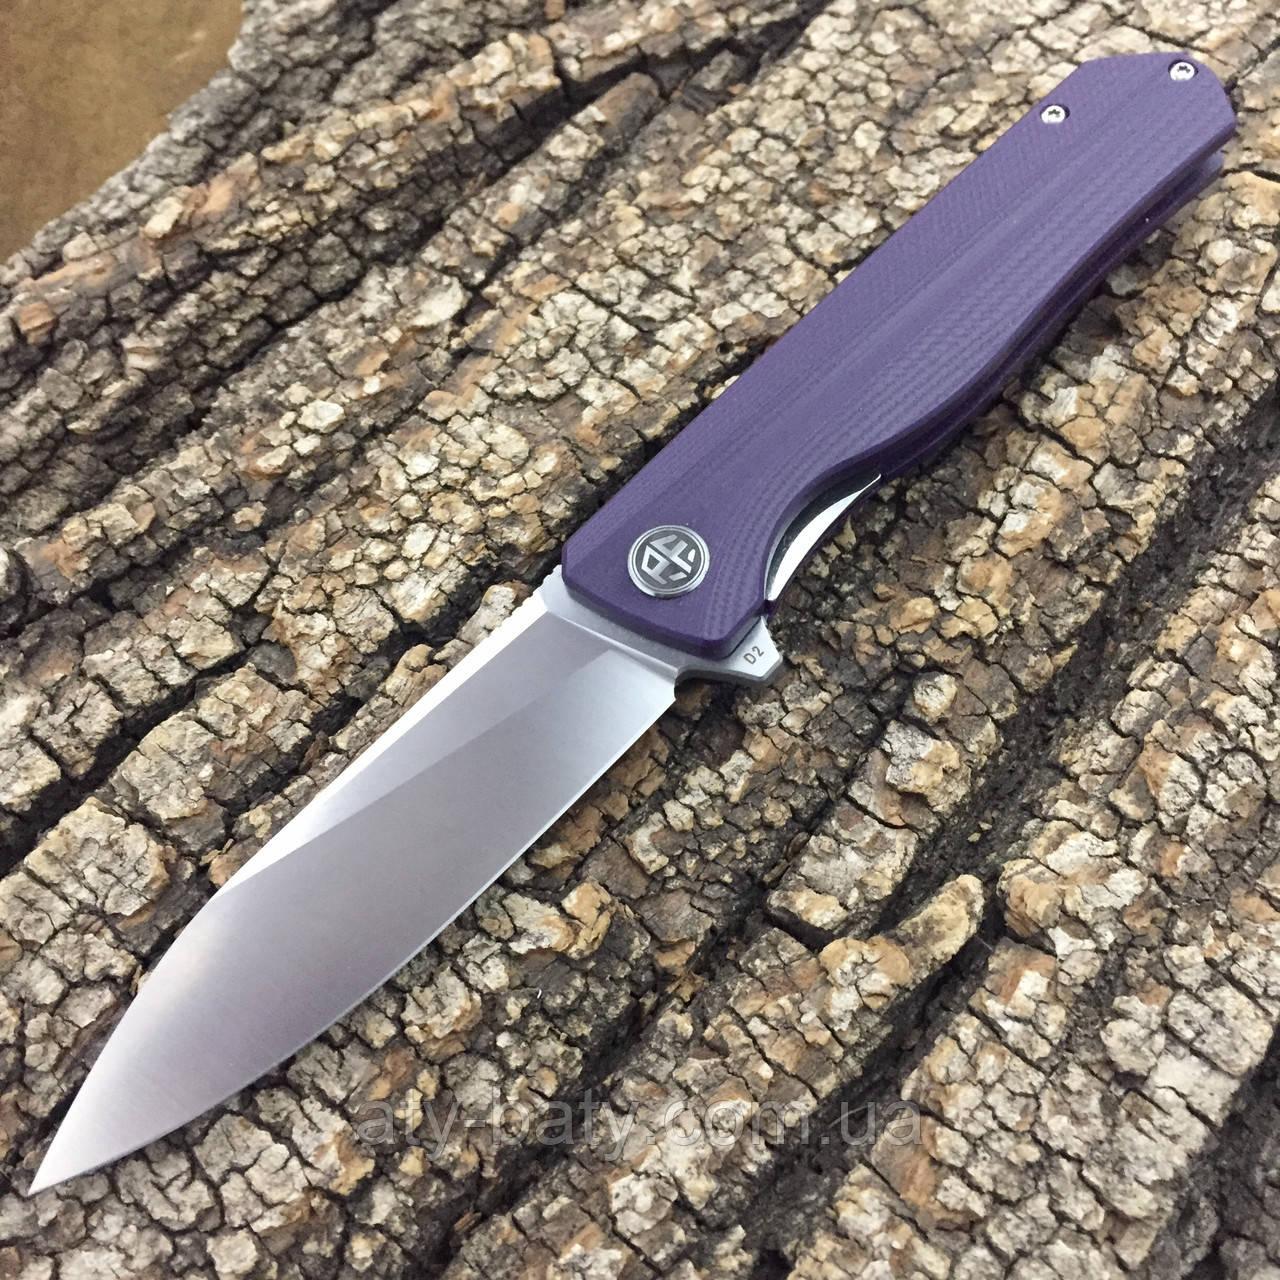 Нож Petrified Fish PF818